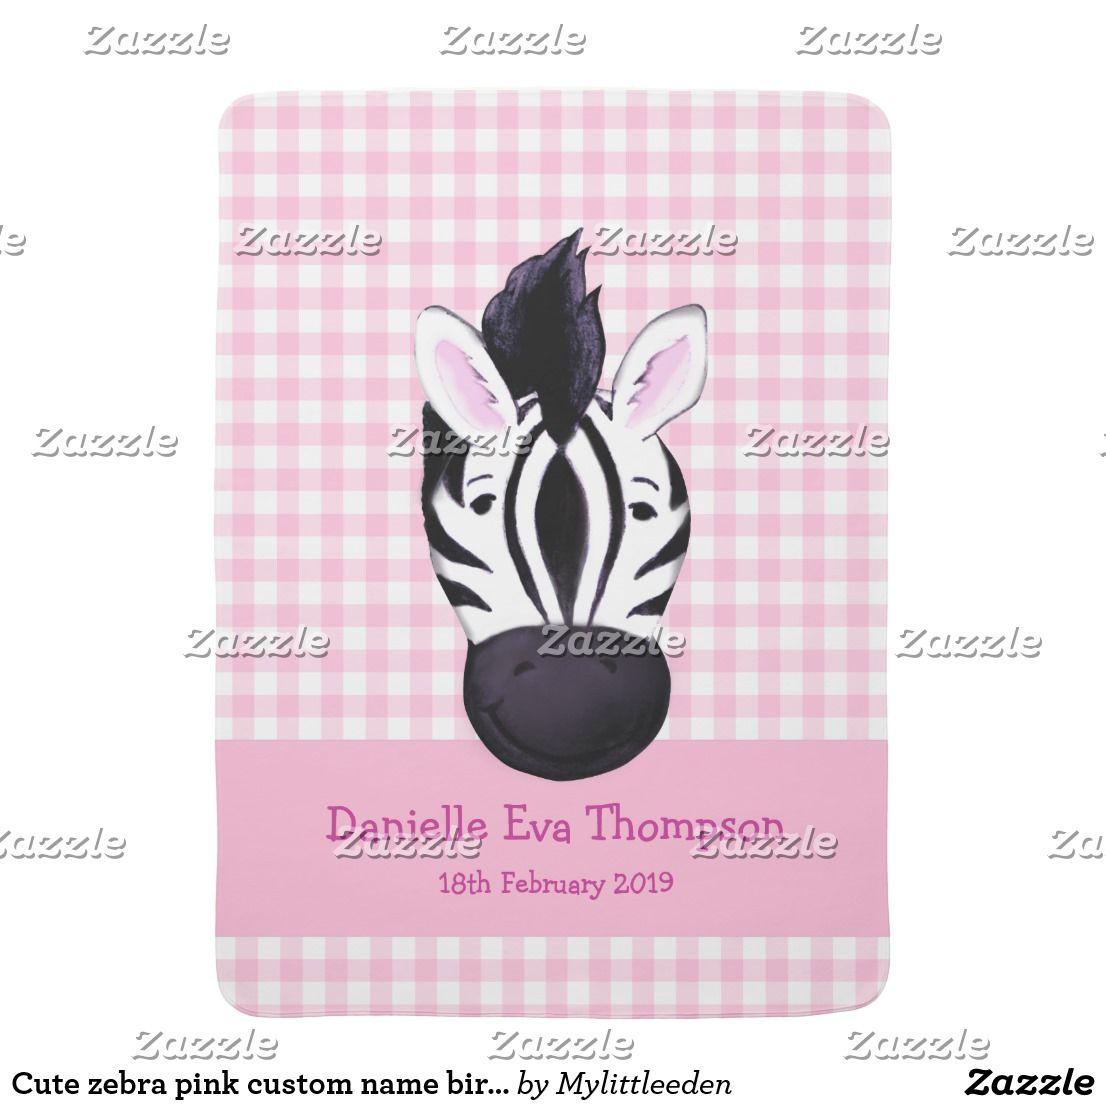 Cute zebra pink custom name birth date blanket baby blankets